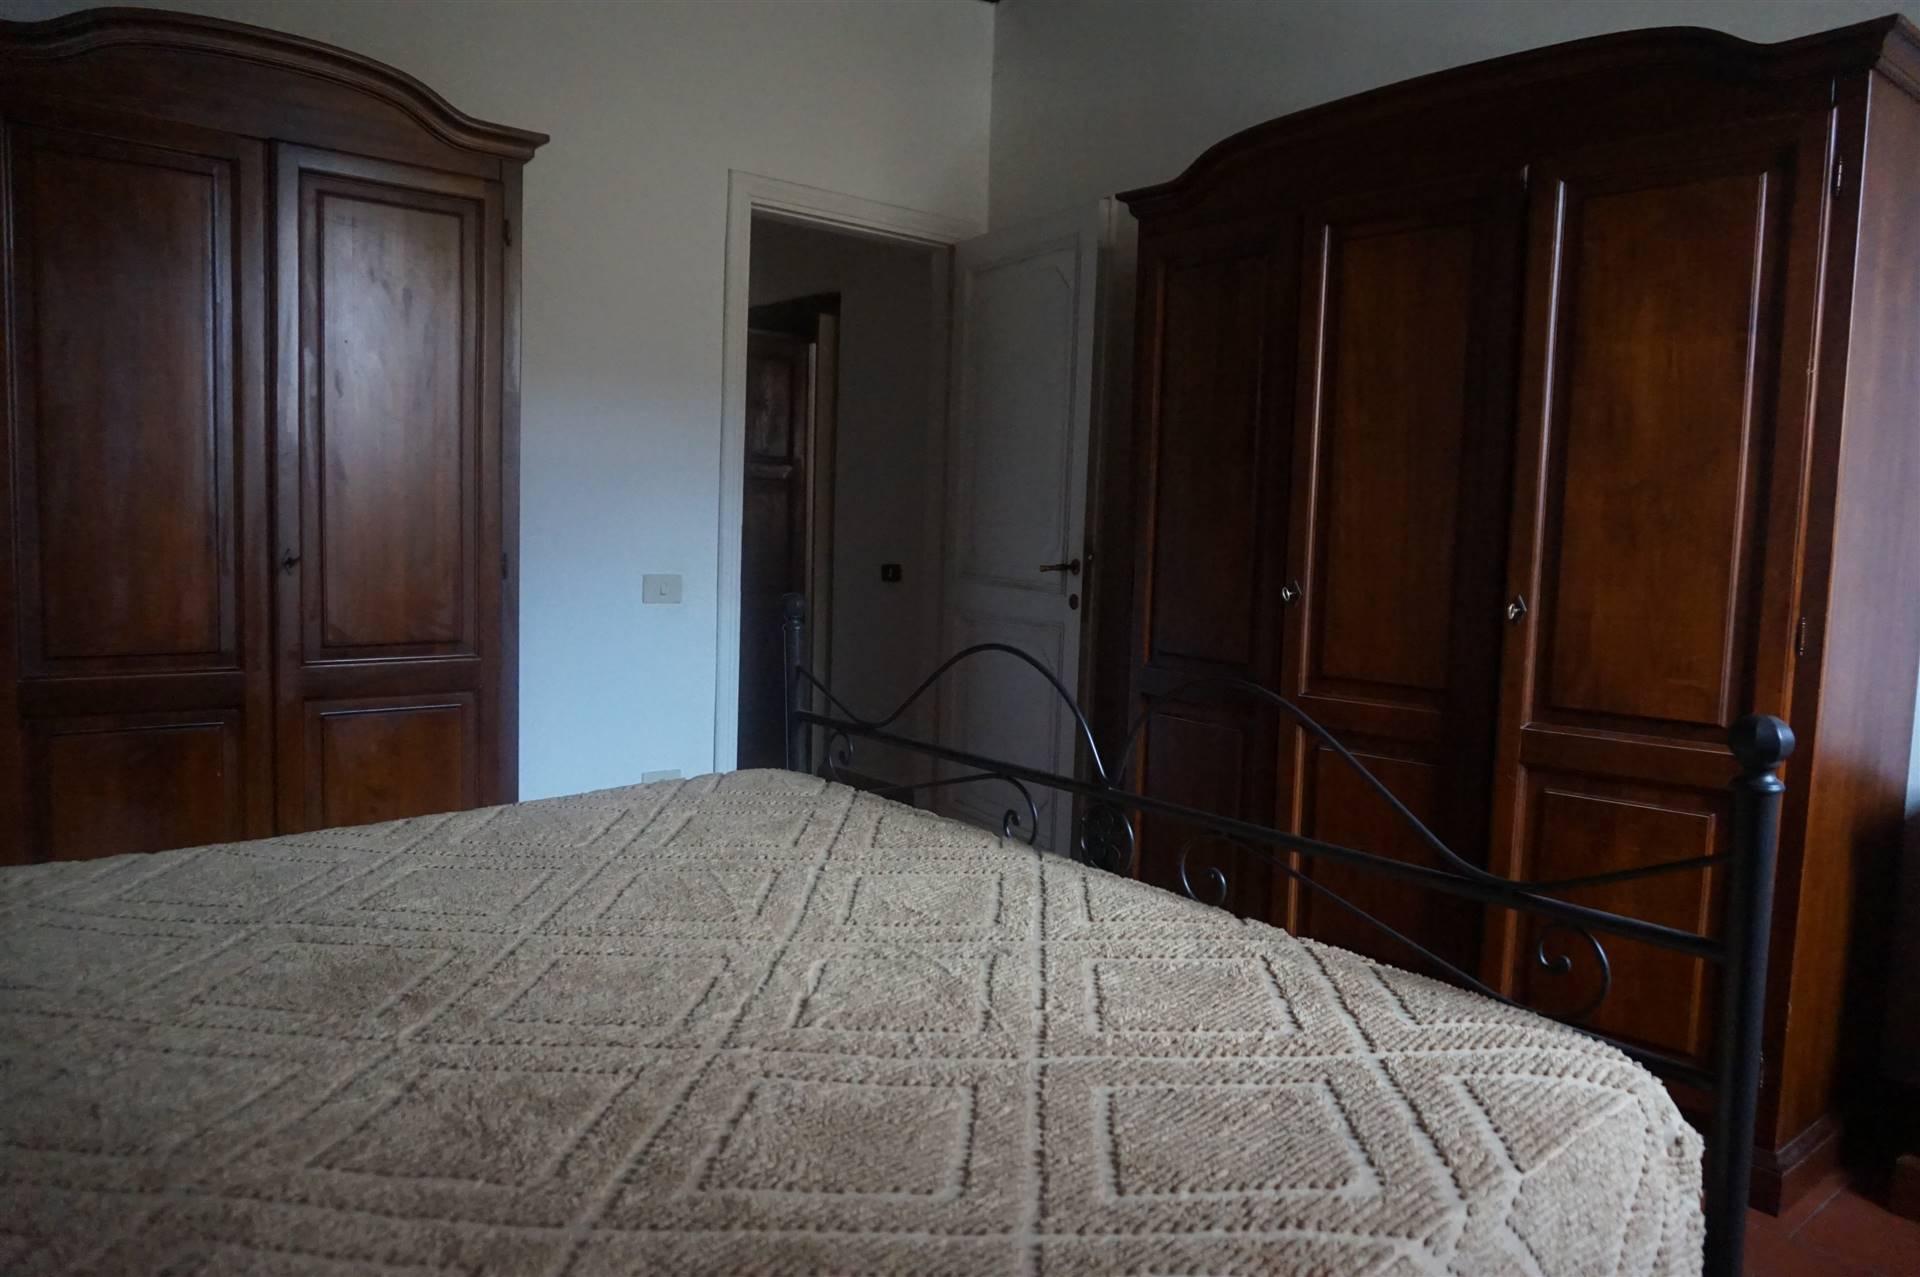 camera dell'appartamento al Piano Terreno